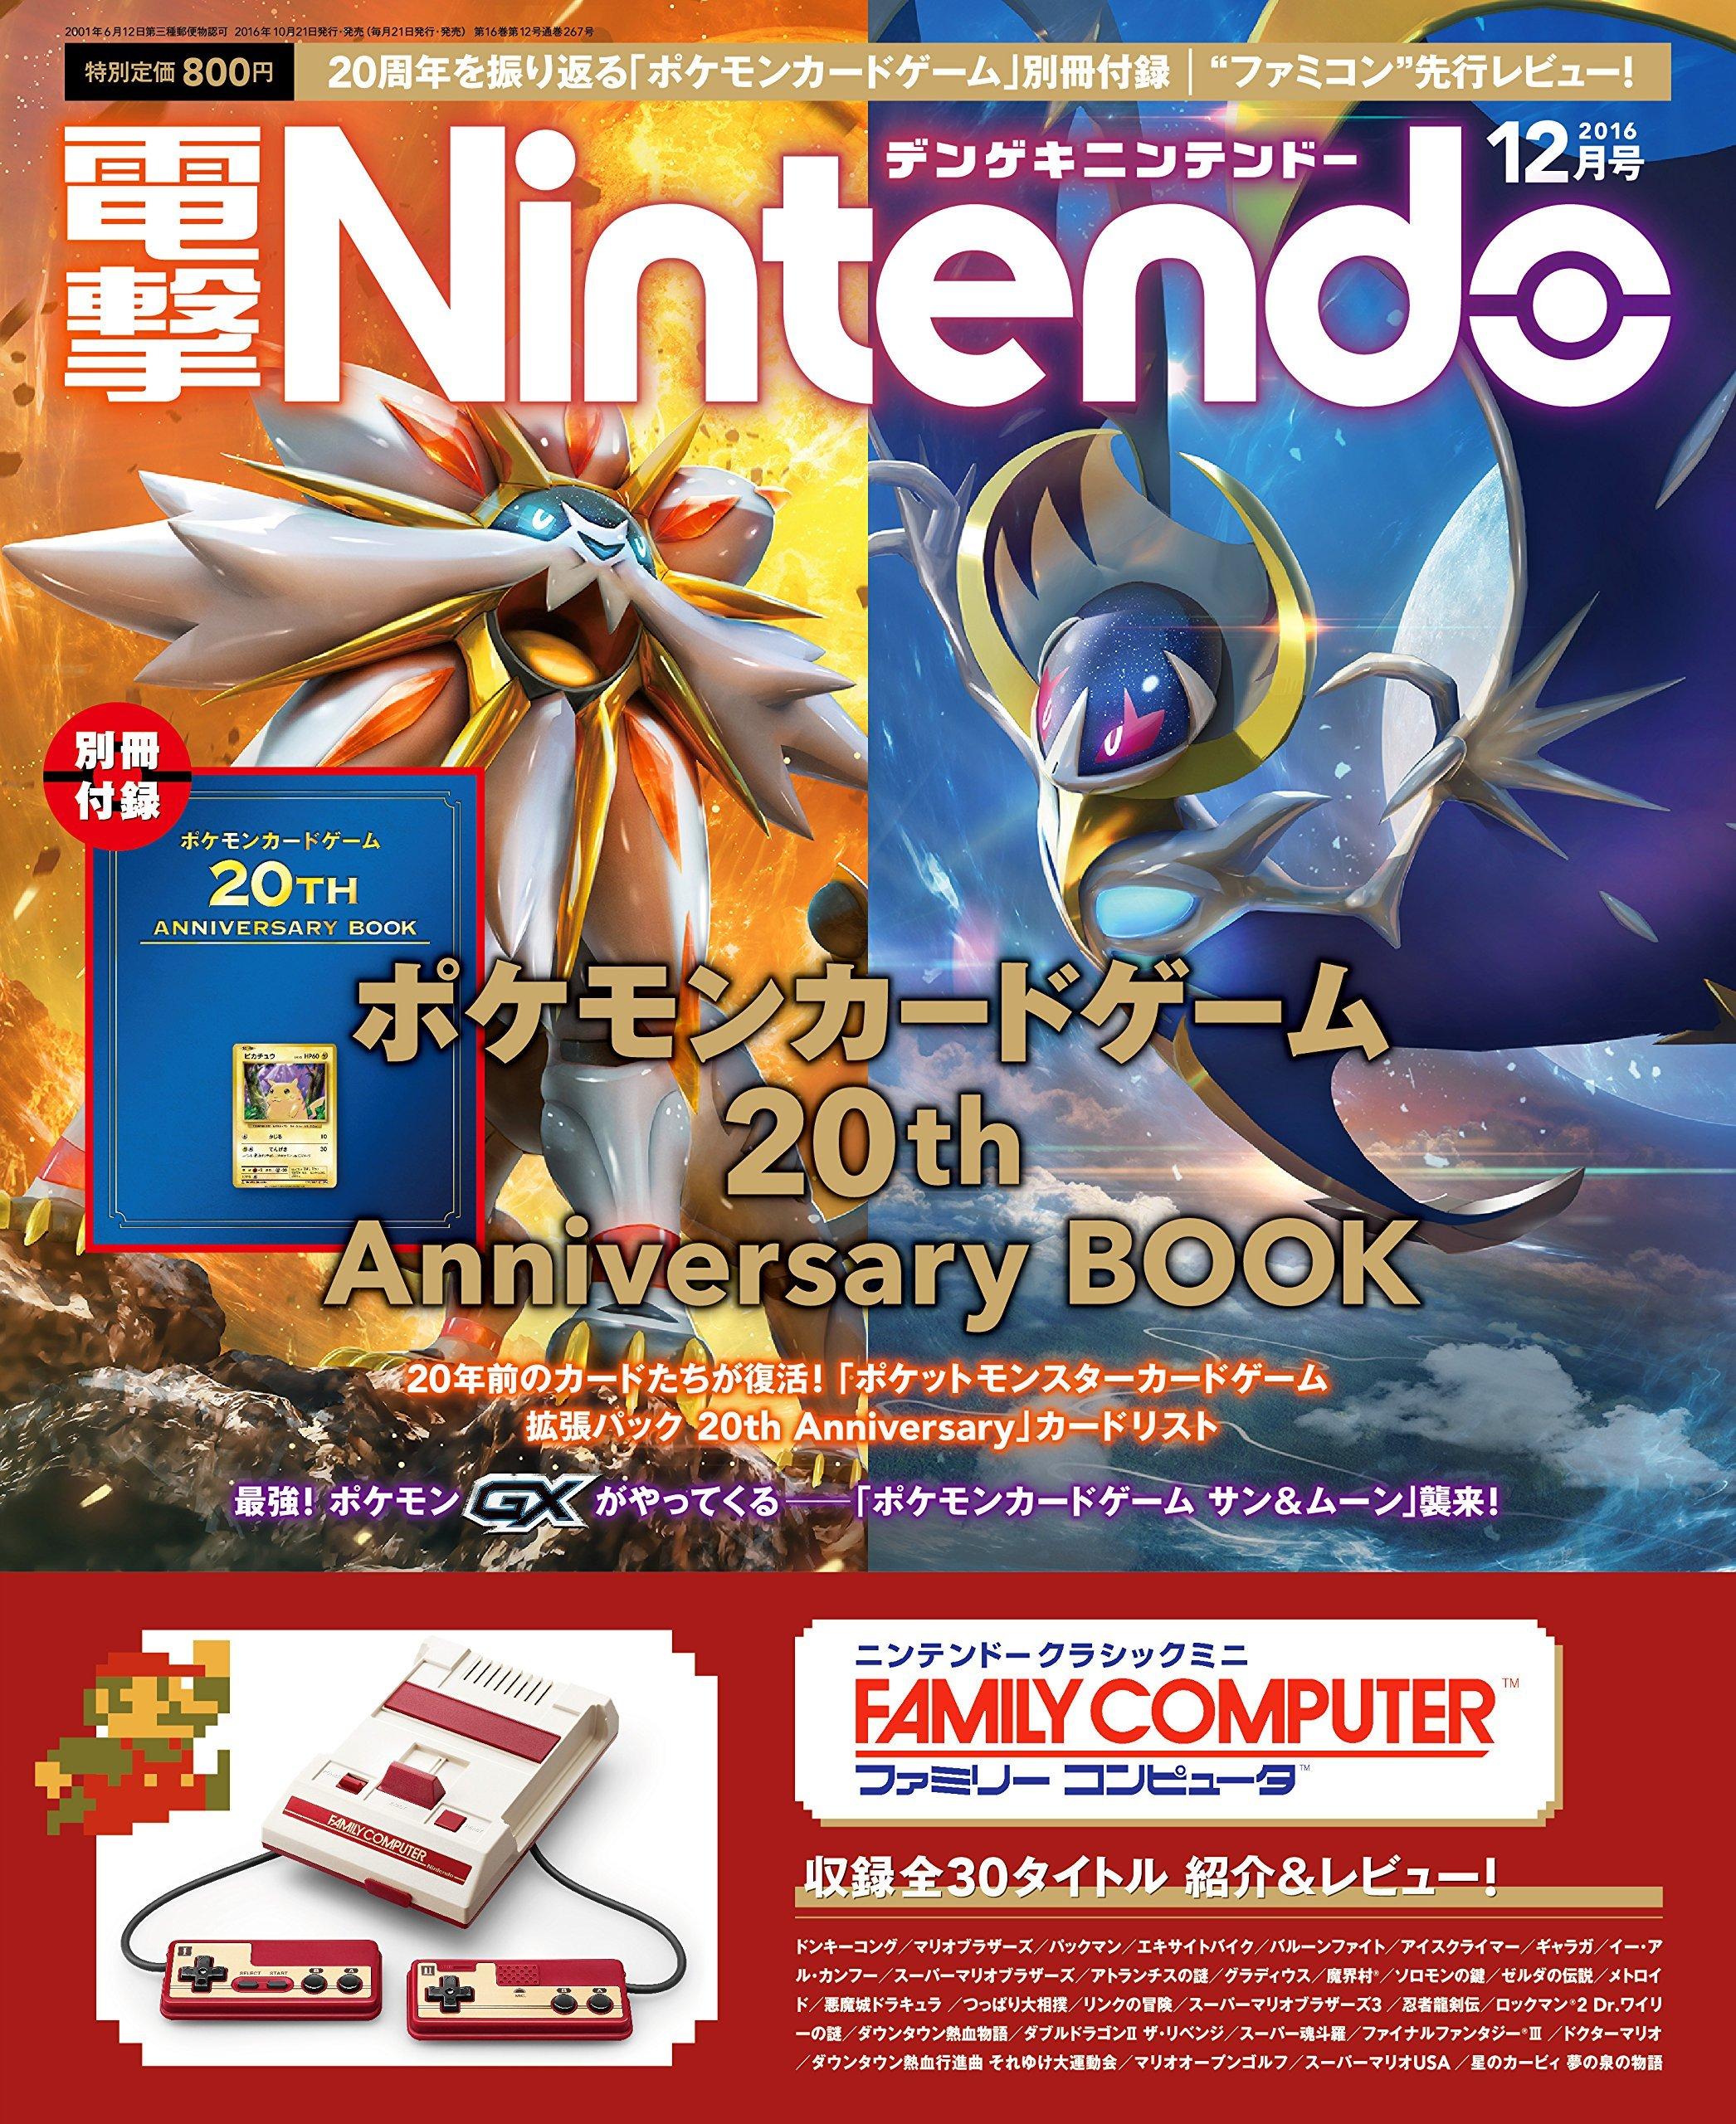 Dengeki Nintendo Issue 043 (December 2016)